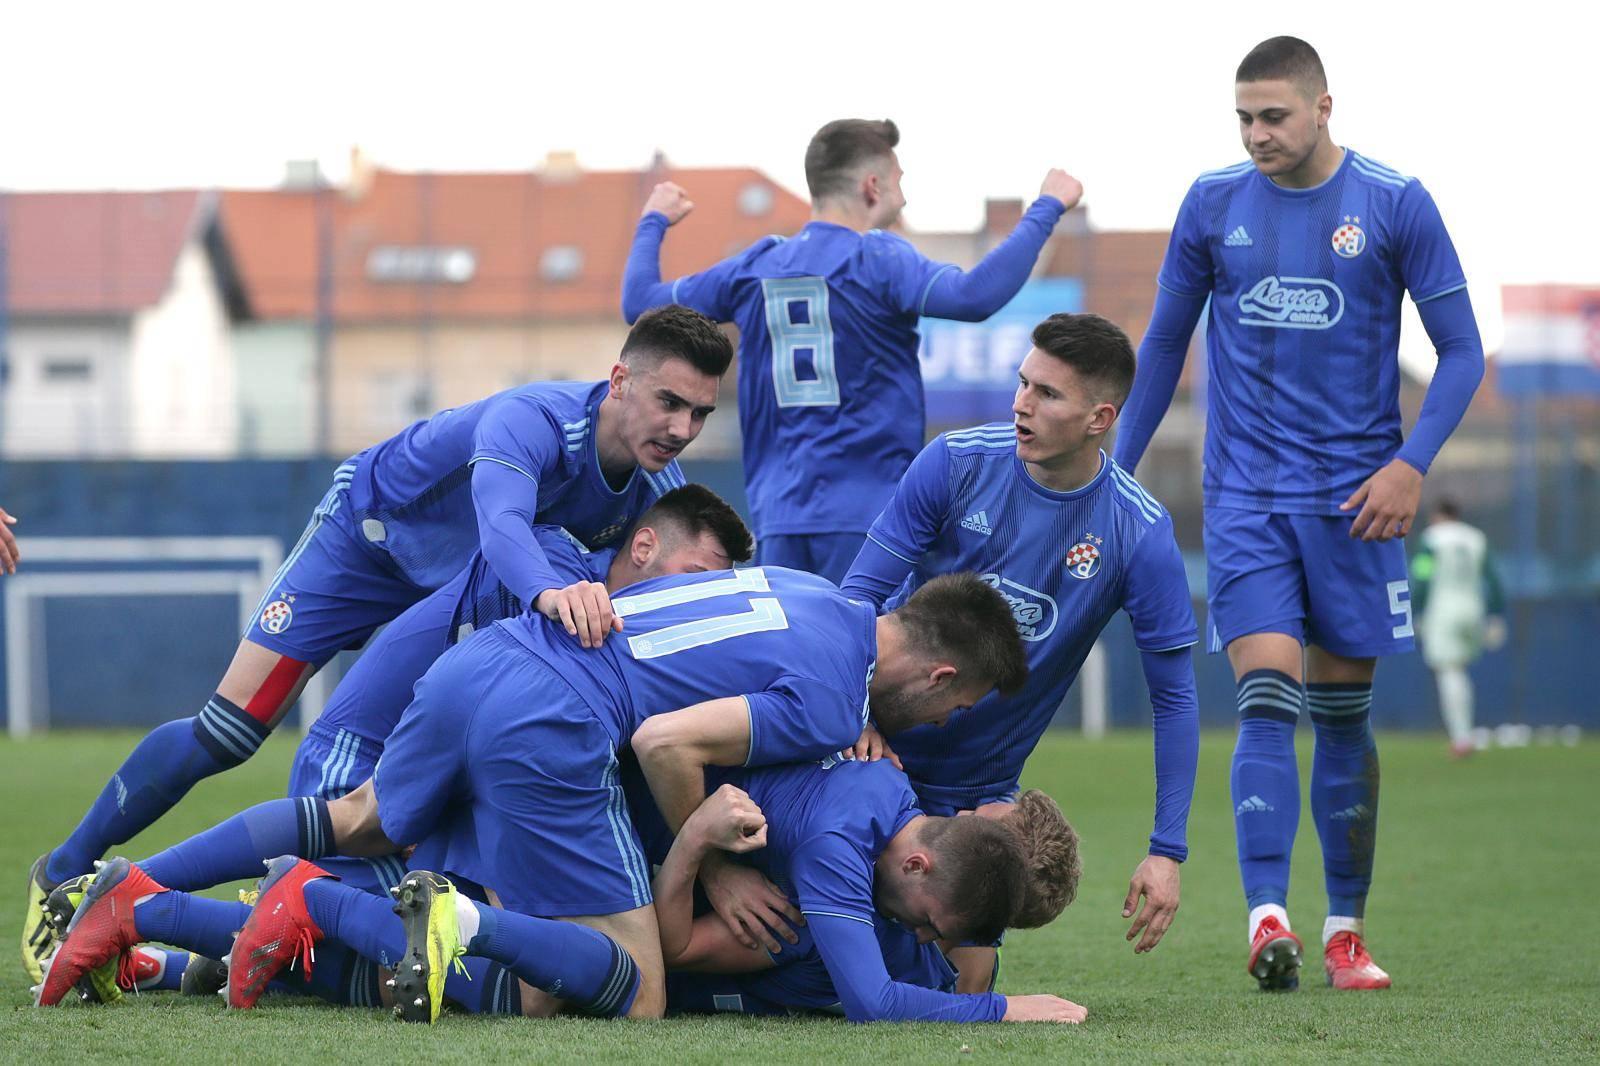 Finale Lige prvaka 23. kolovoza u Lisabonu, Dinamovi 'fakini' igraju u Nyonu 16.-25. kolovoza!